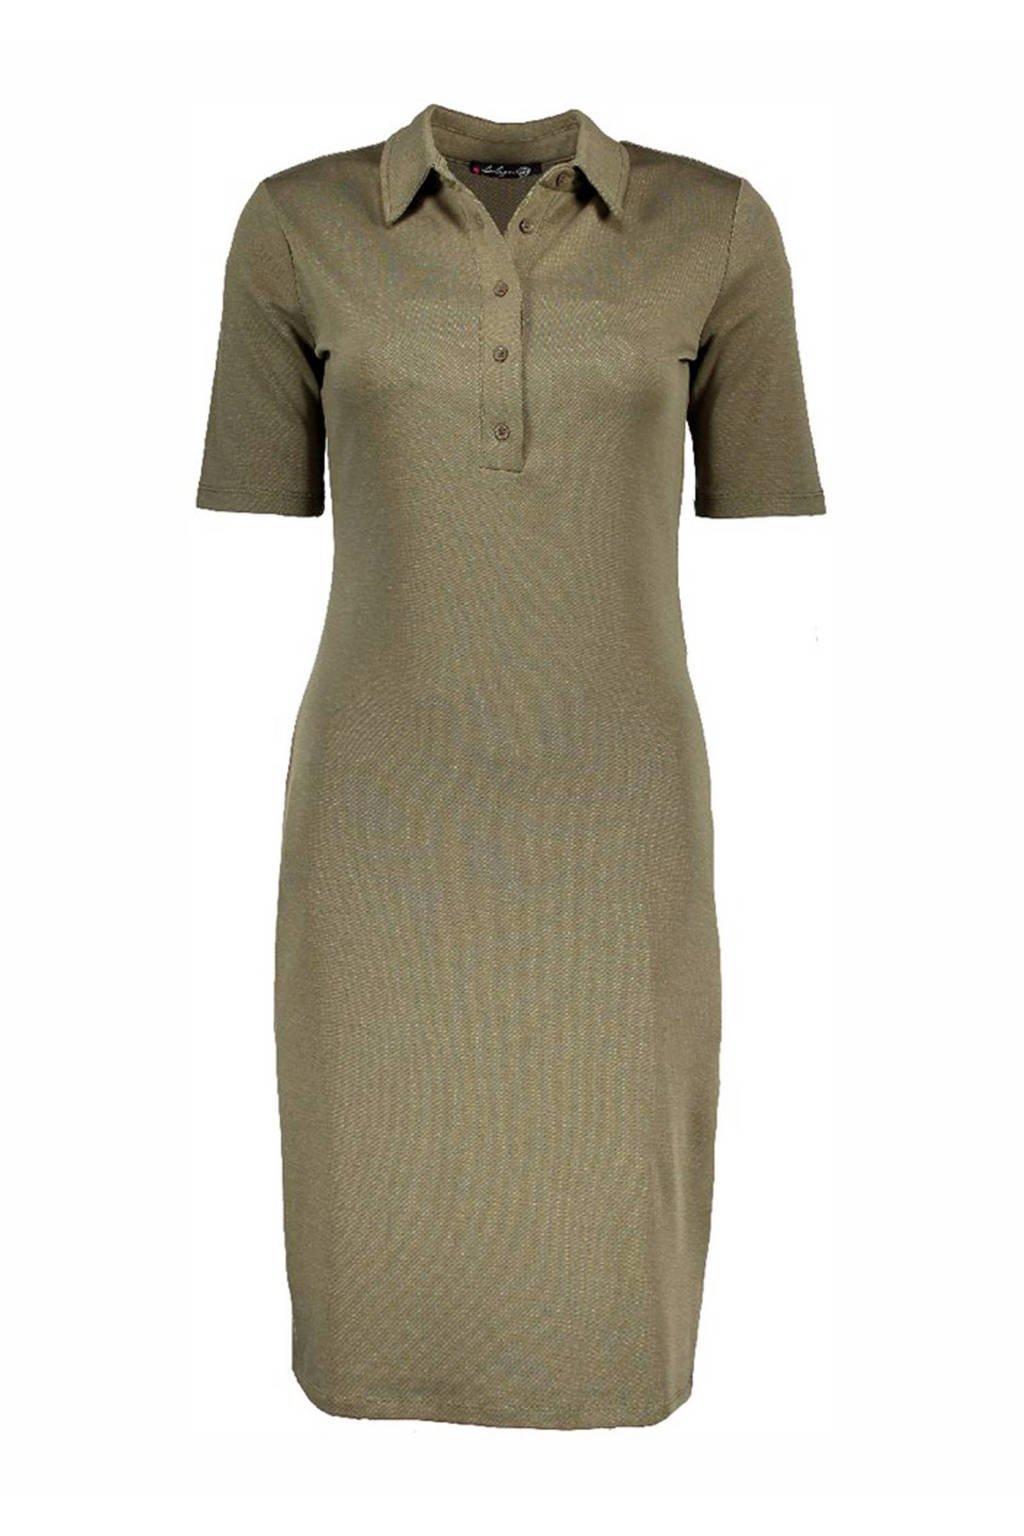 koop het beste groot assortiment speciaal voor schoenen polo jurk olijfgroen